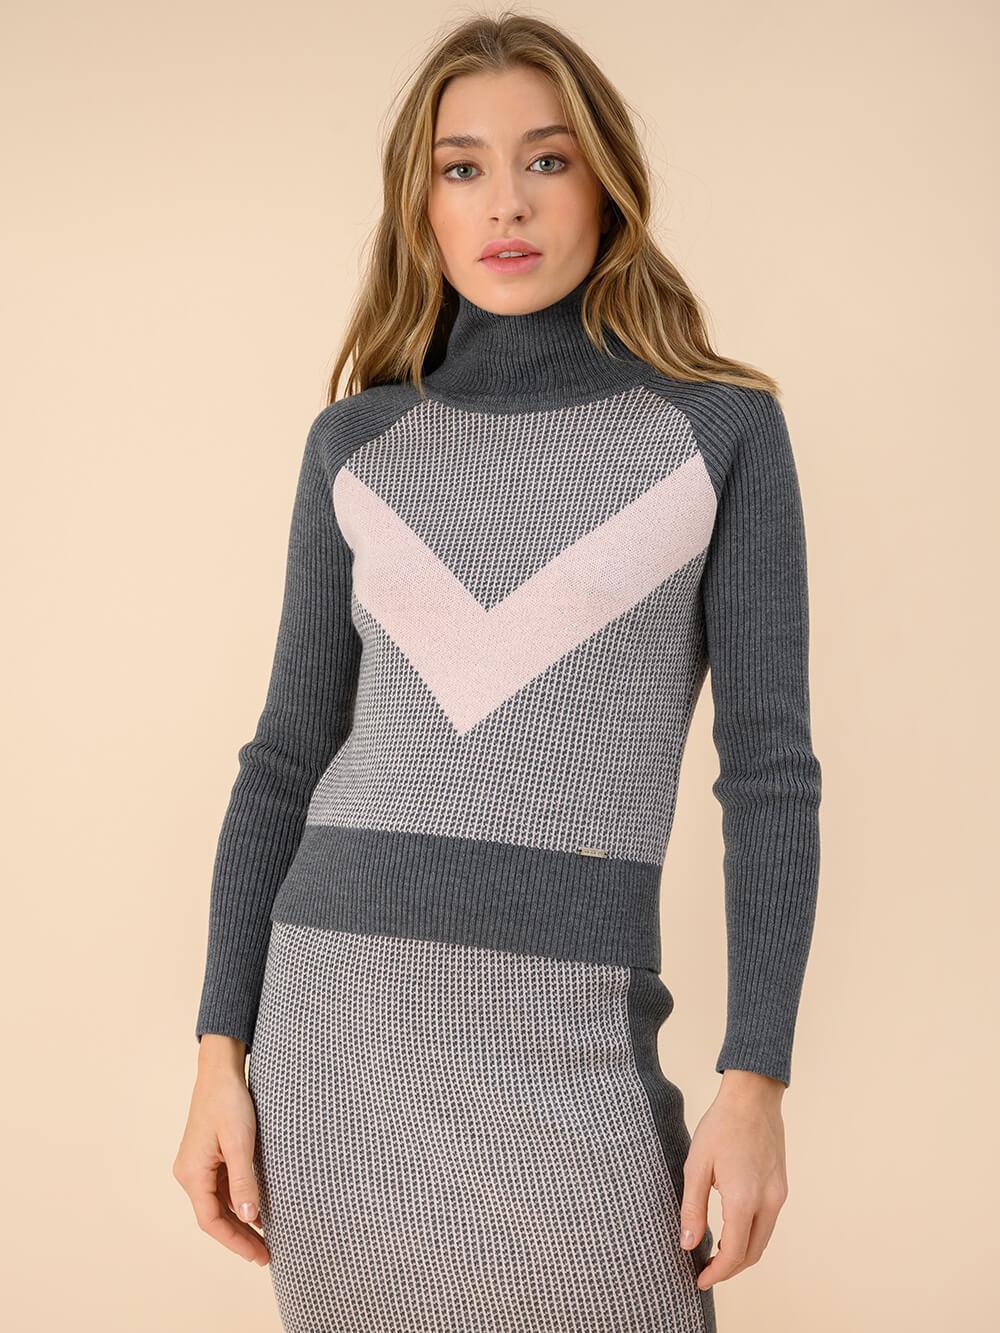 Женский свитер темно-серого цвета из 100% шерсти - фото 1